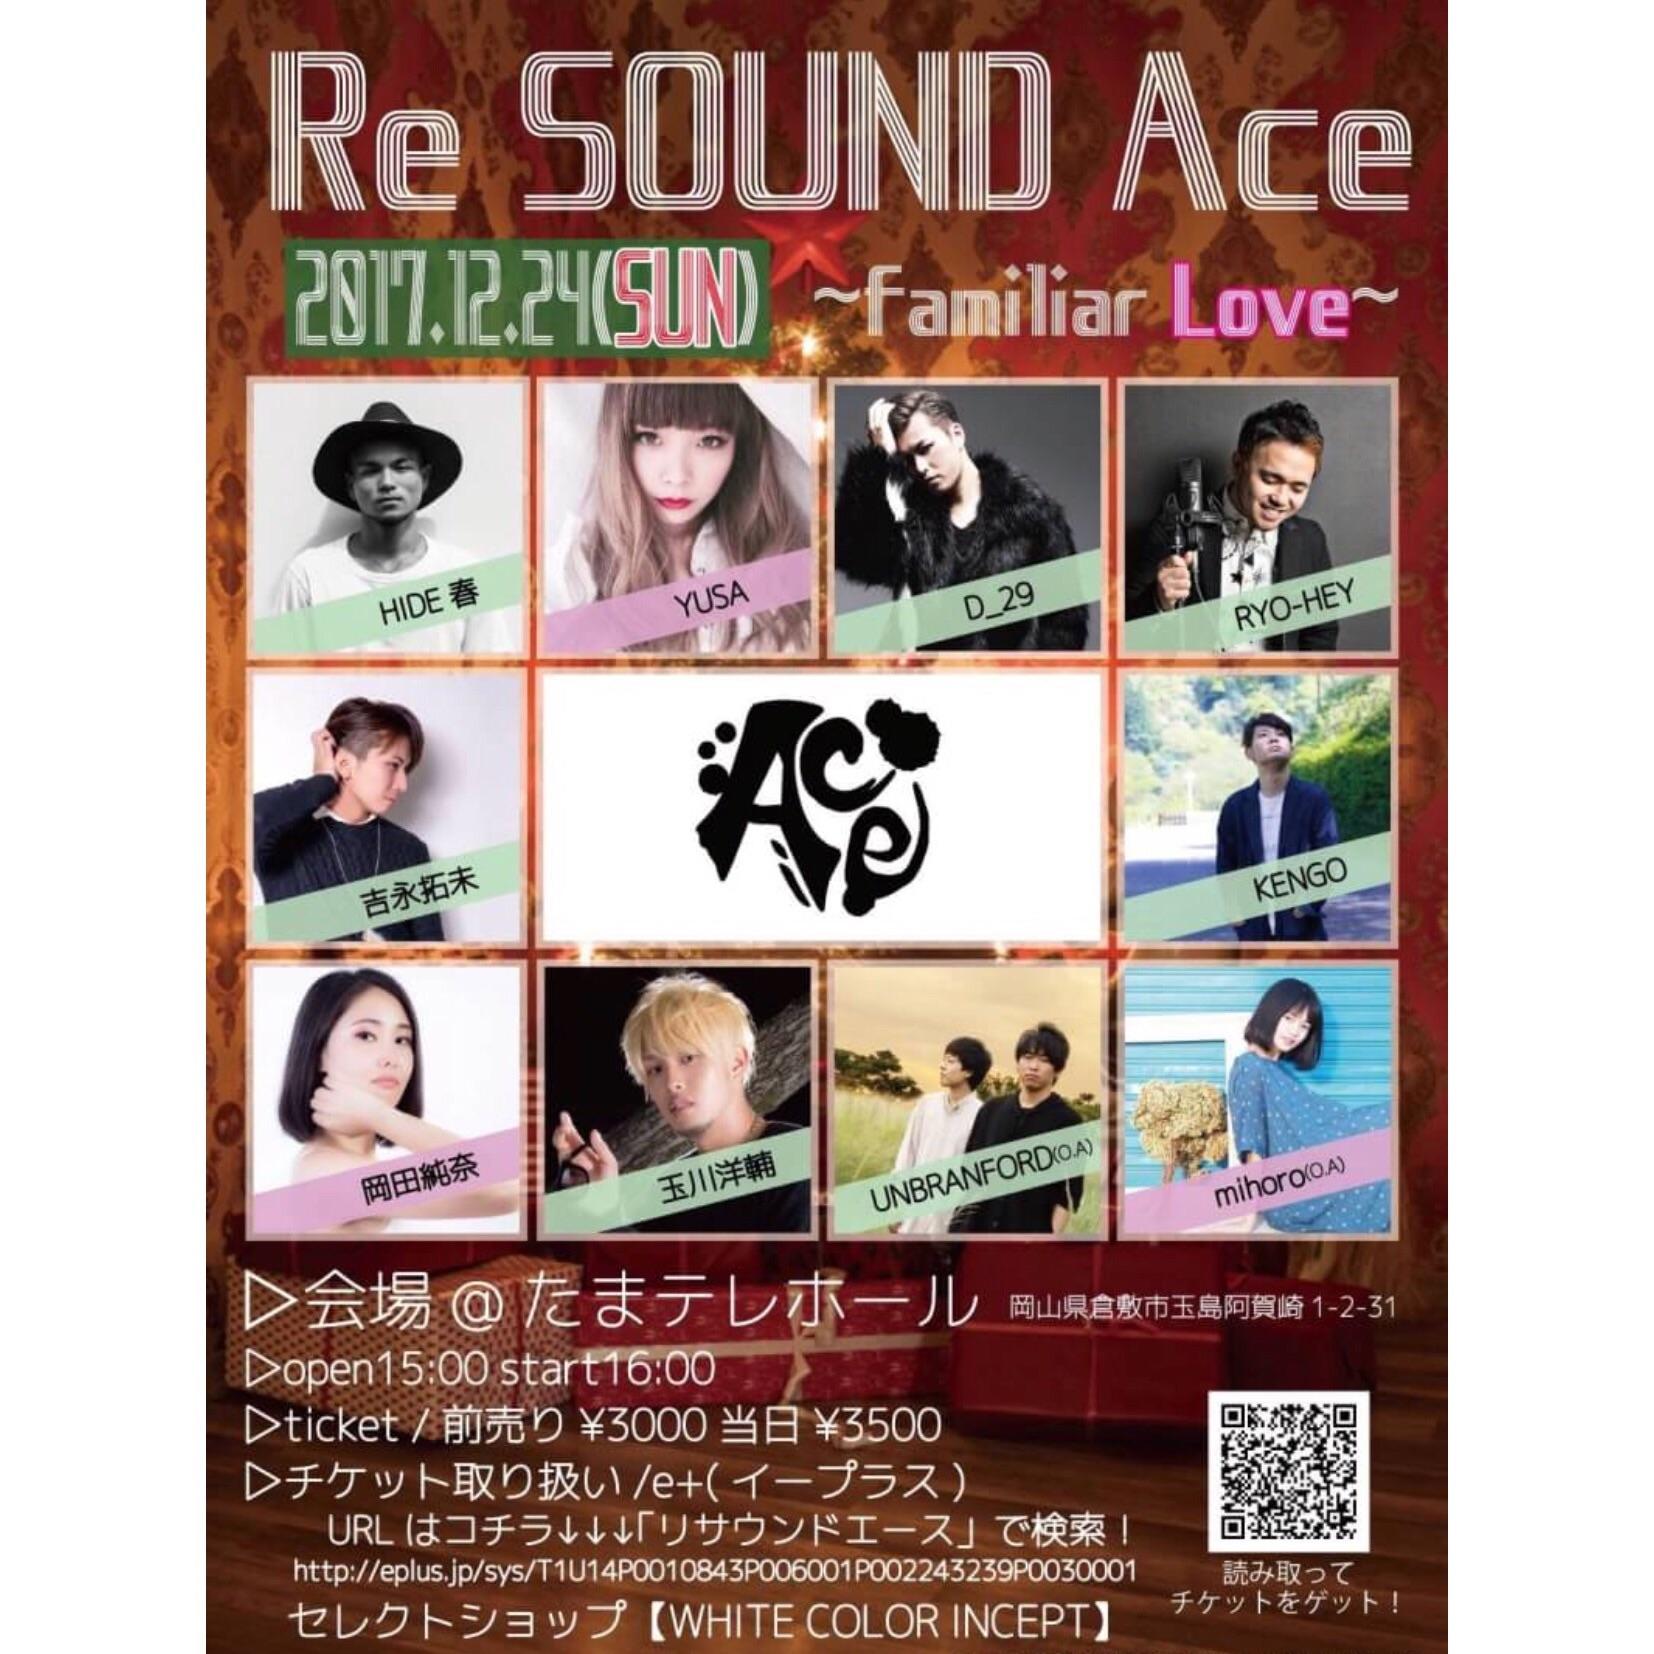 f:id:Yosuke0912:20171215200747j:image